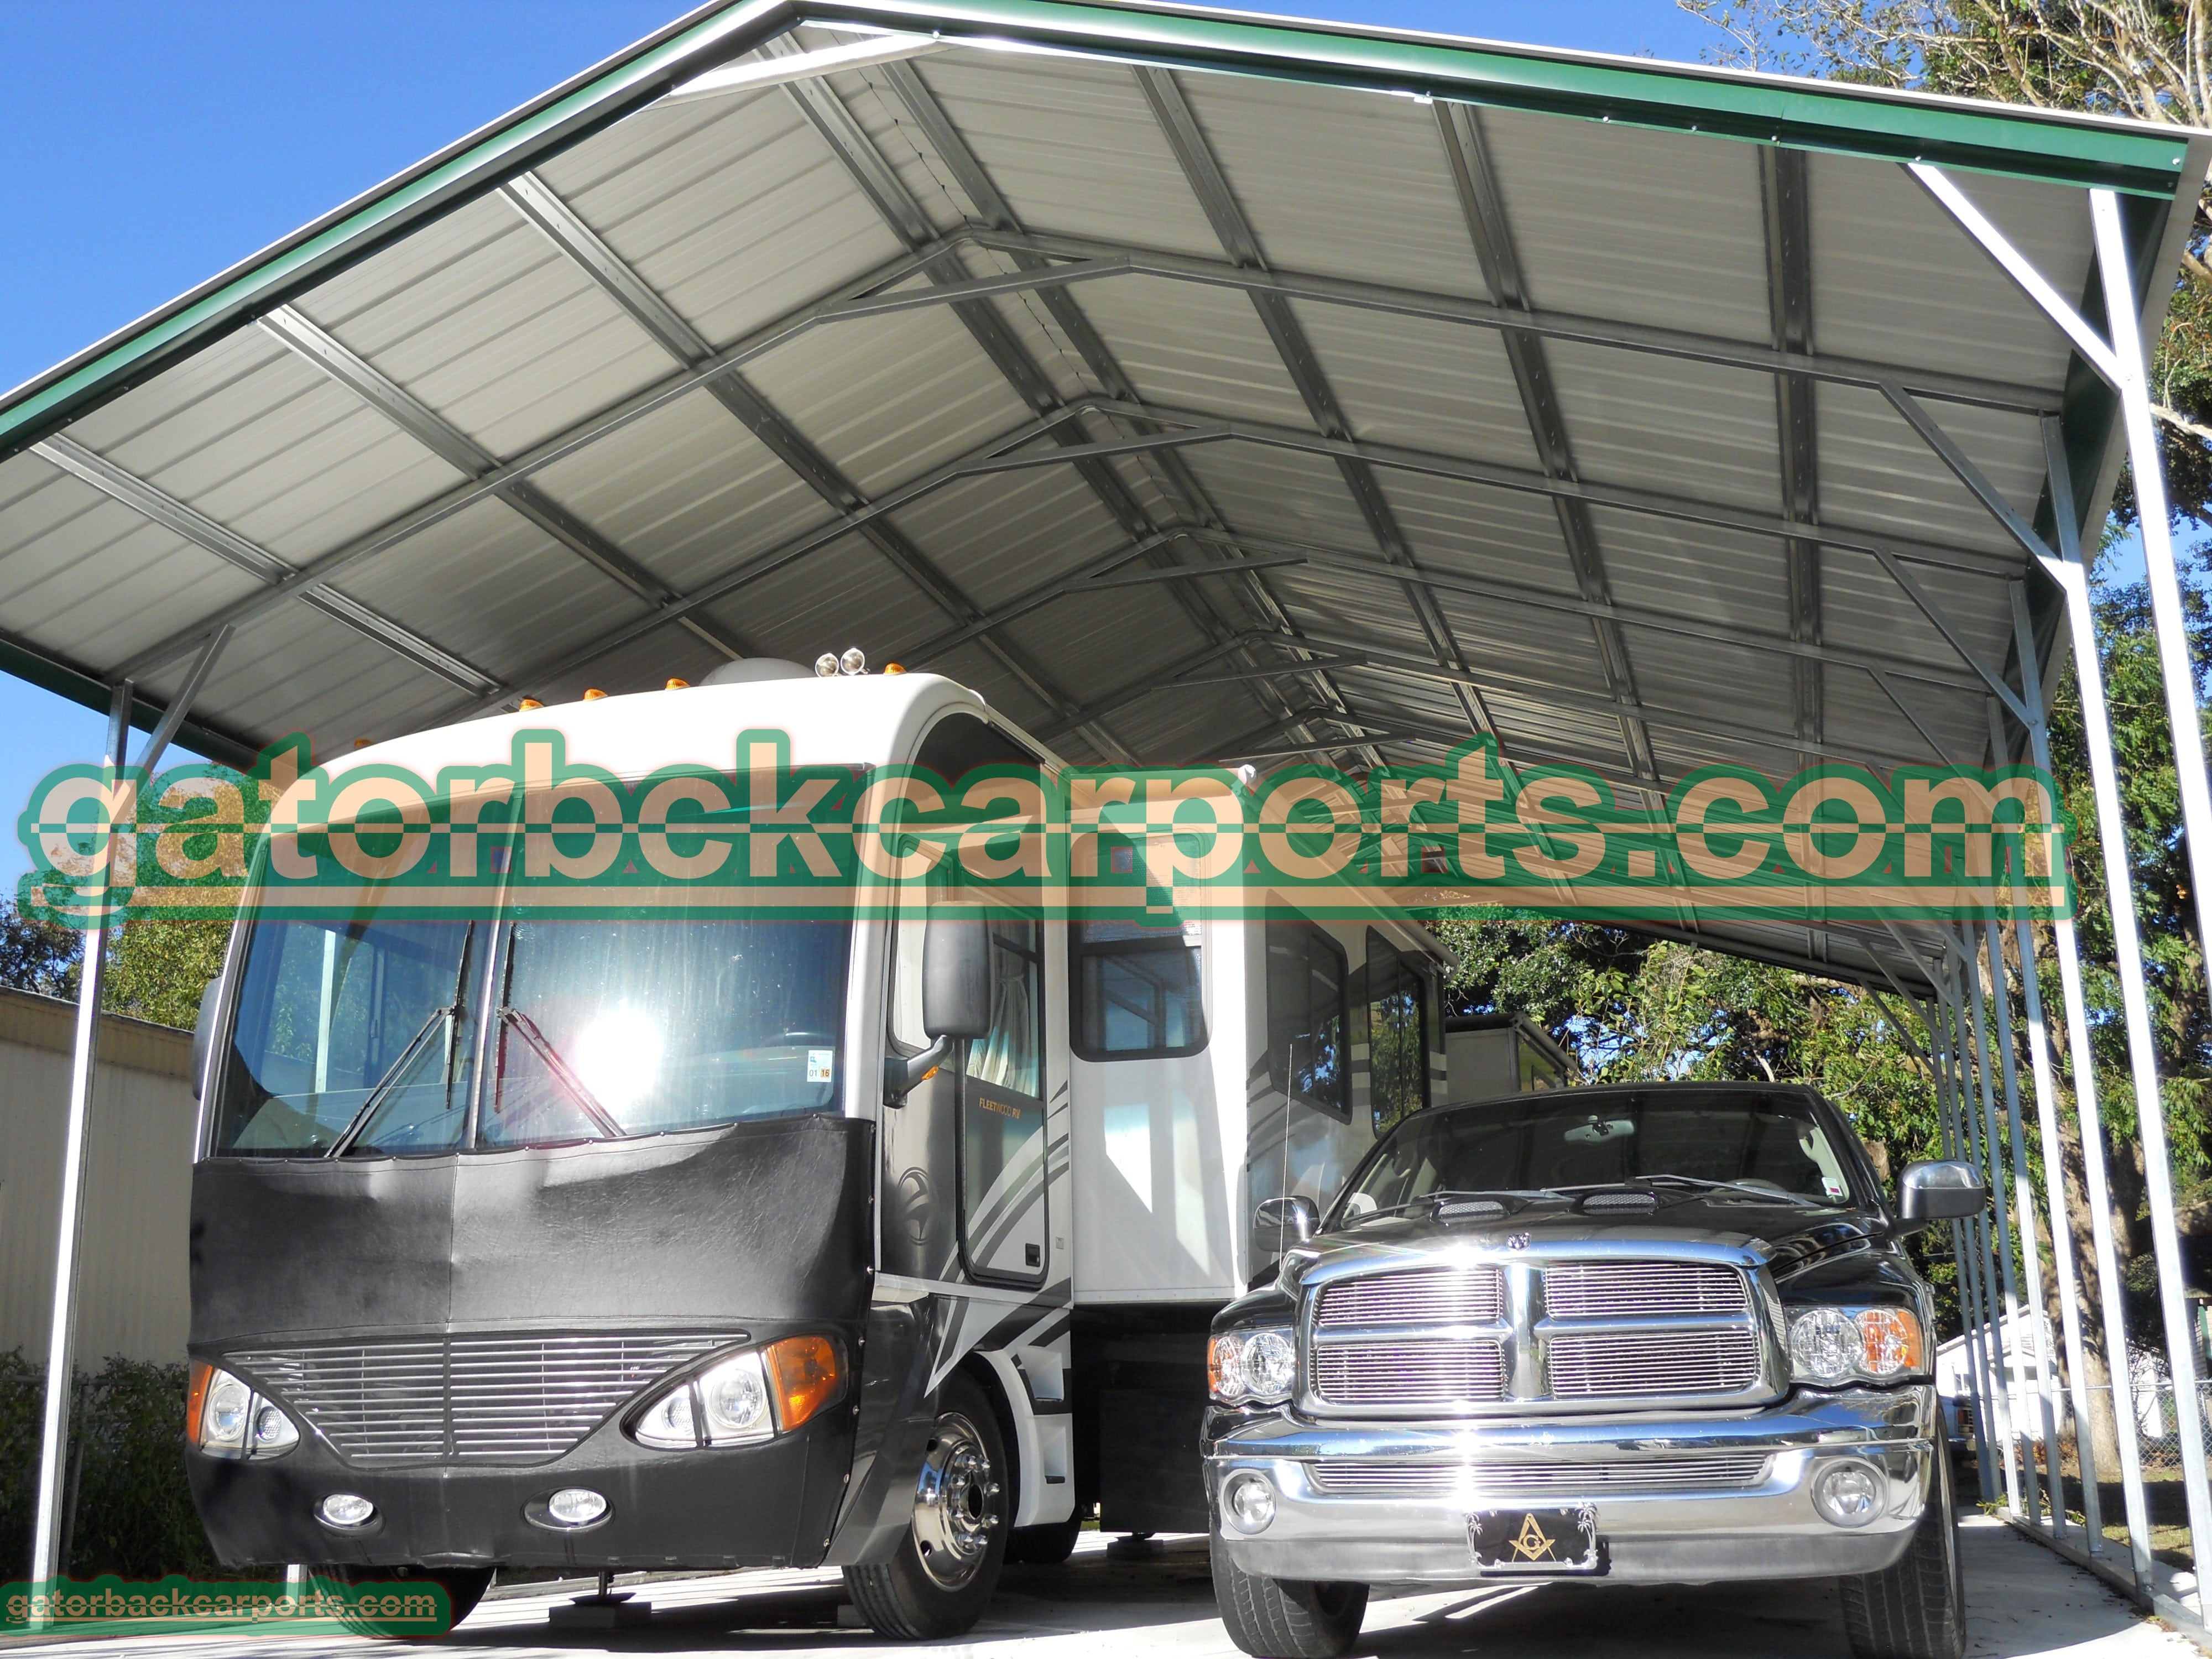 24x40 Metal Carport : Faq gatorback carports